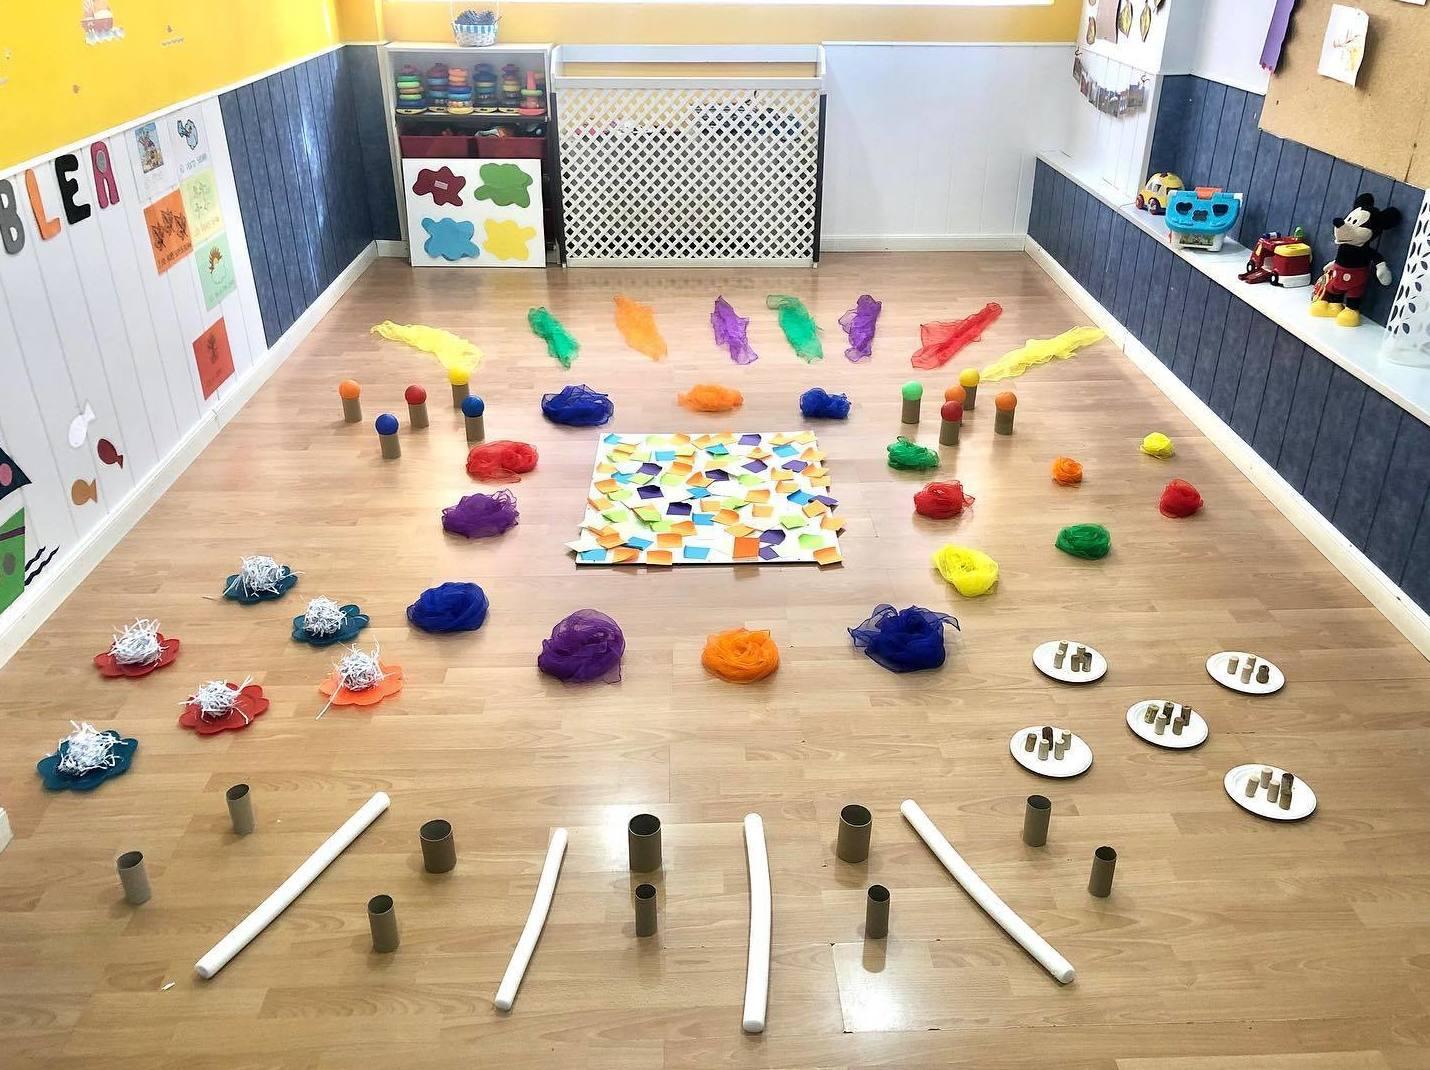 ¡Día de Los Derechos del Niño y de la Niña!. Nueva instalación para disfrutar del juego libre.